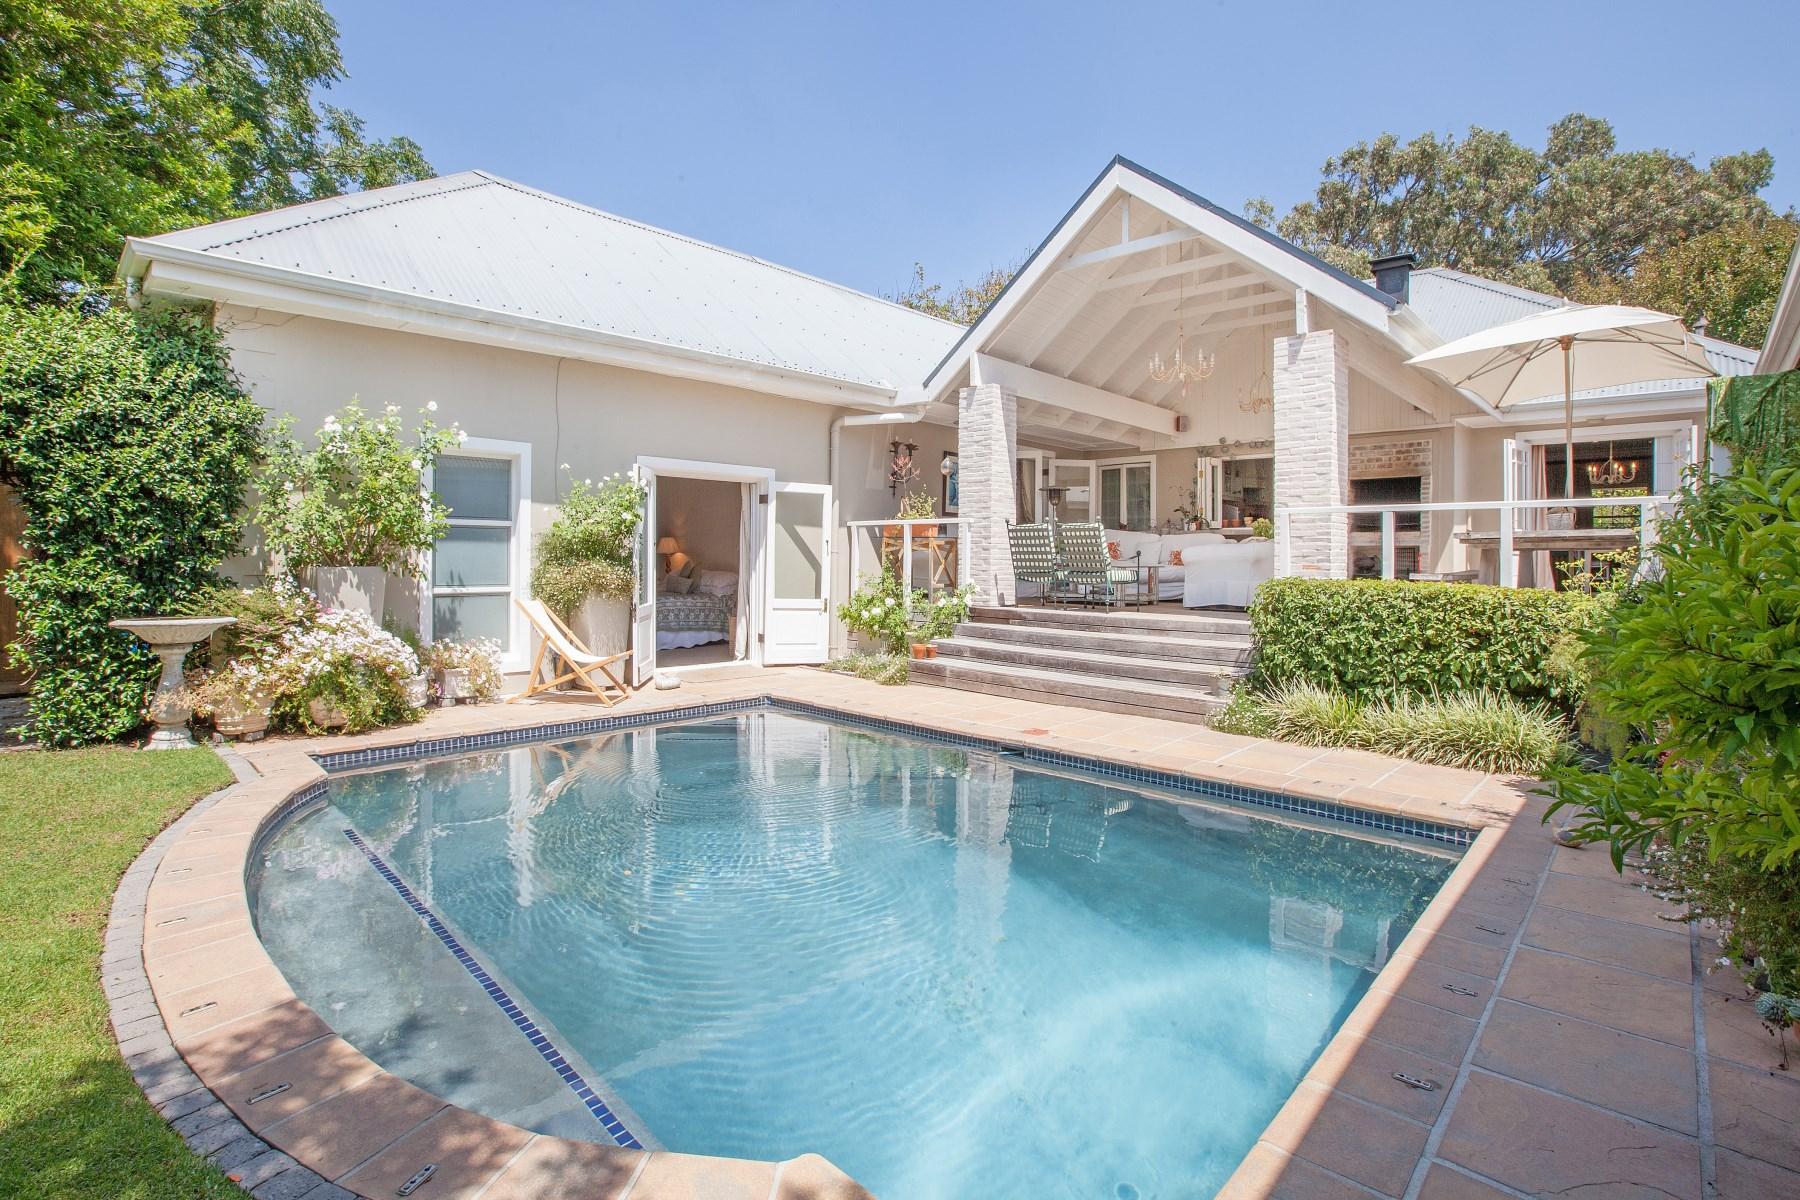 Частный односемейный дом для того Продажа на A PERFECT MARRIAGE OF HOME AND GARDEN Cape Town, Западно-Капская Провинция, Южная Африка